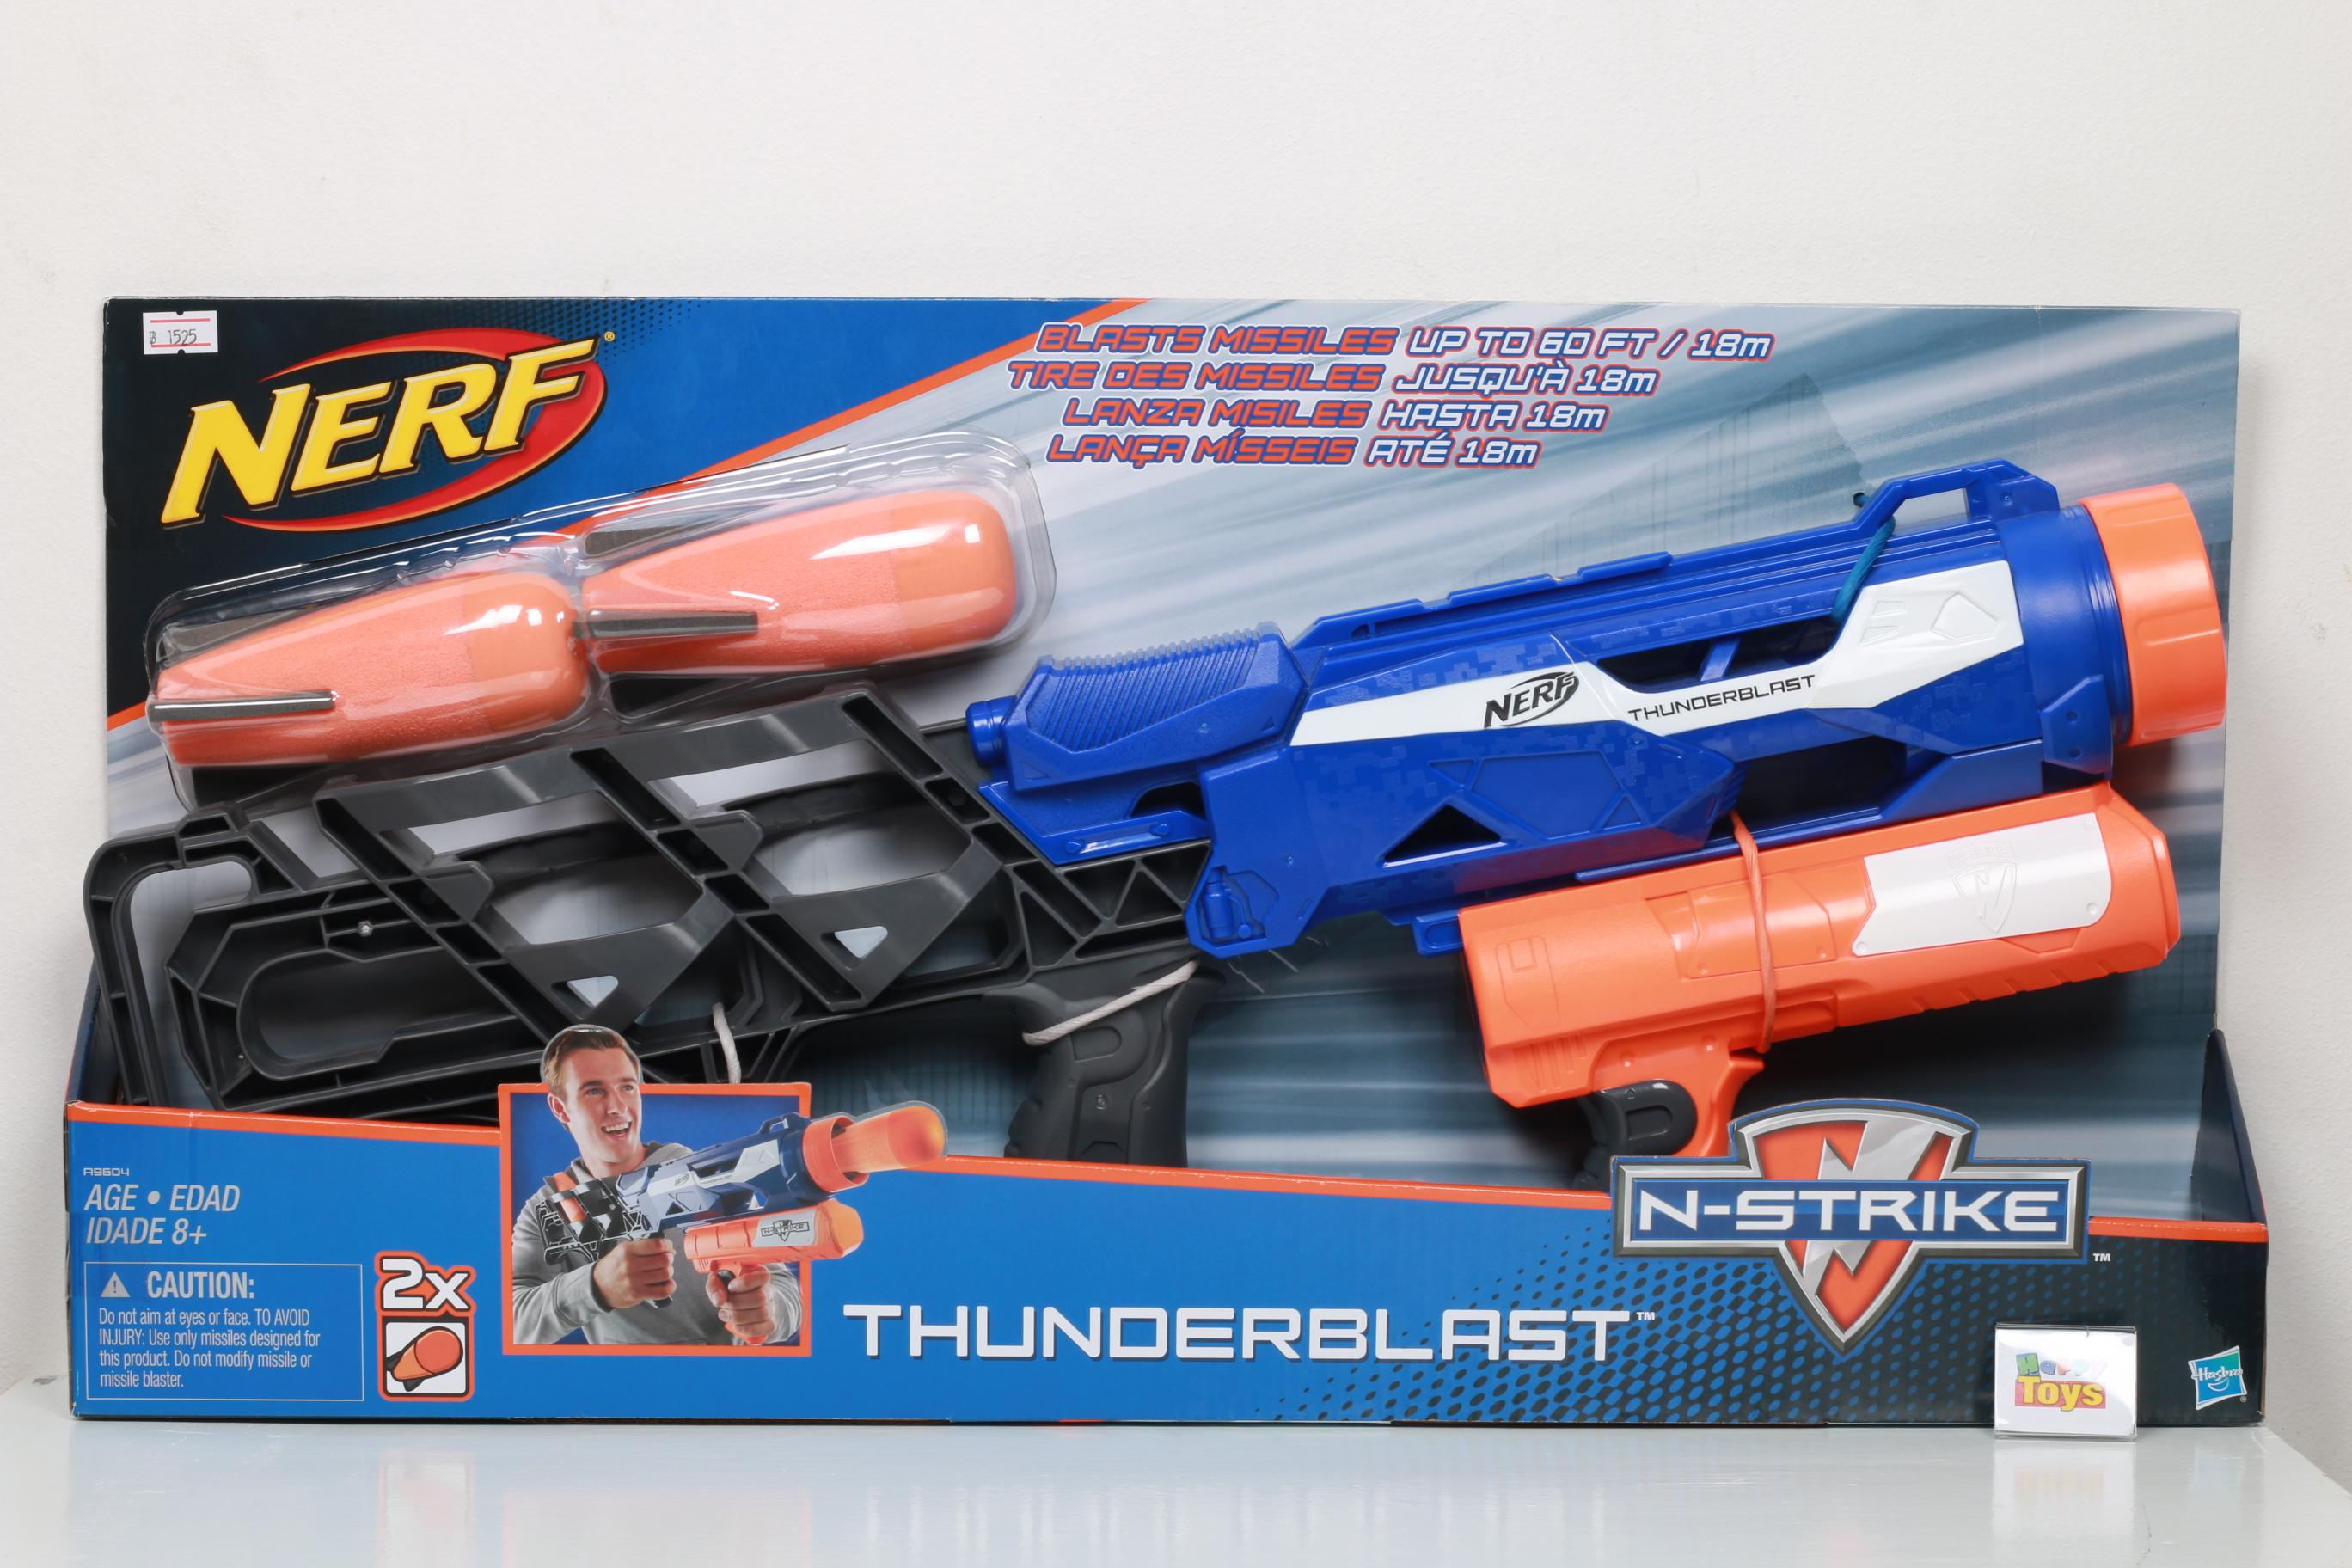 ปืนเนิร์ฟ nerf รุ่น THUNDERBLAST ลิขสิทธิ์แท้ ปืนNerfแท้ ไม่เป็นอันตราย ปืนกระสุนฟองน้ำ